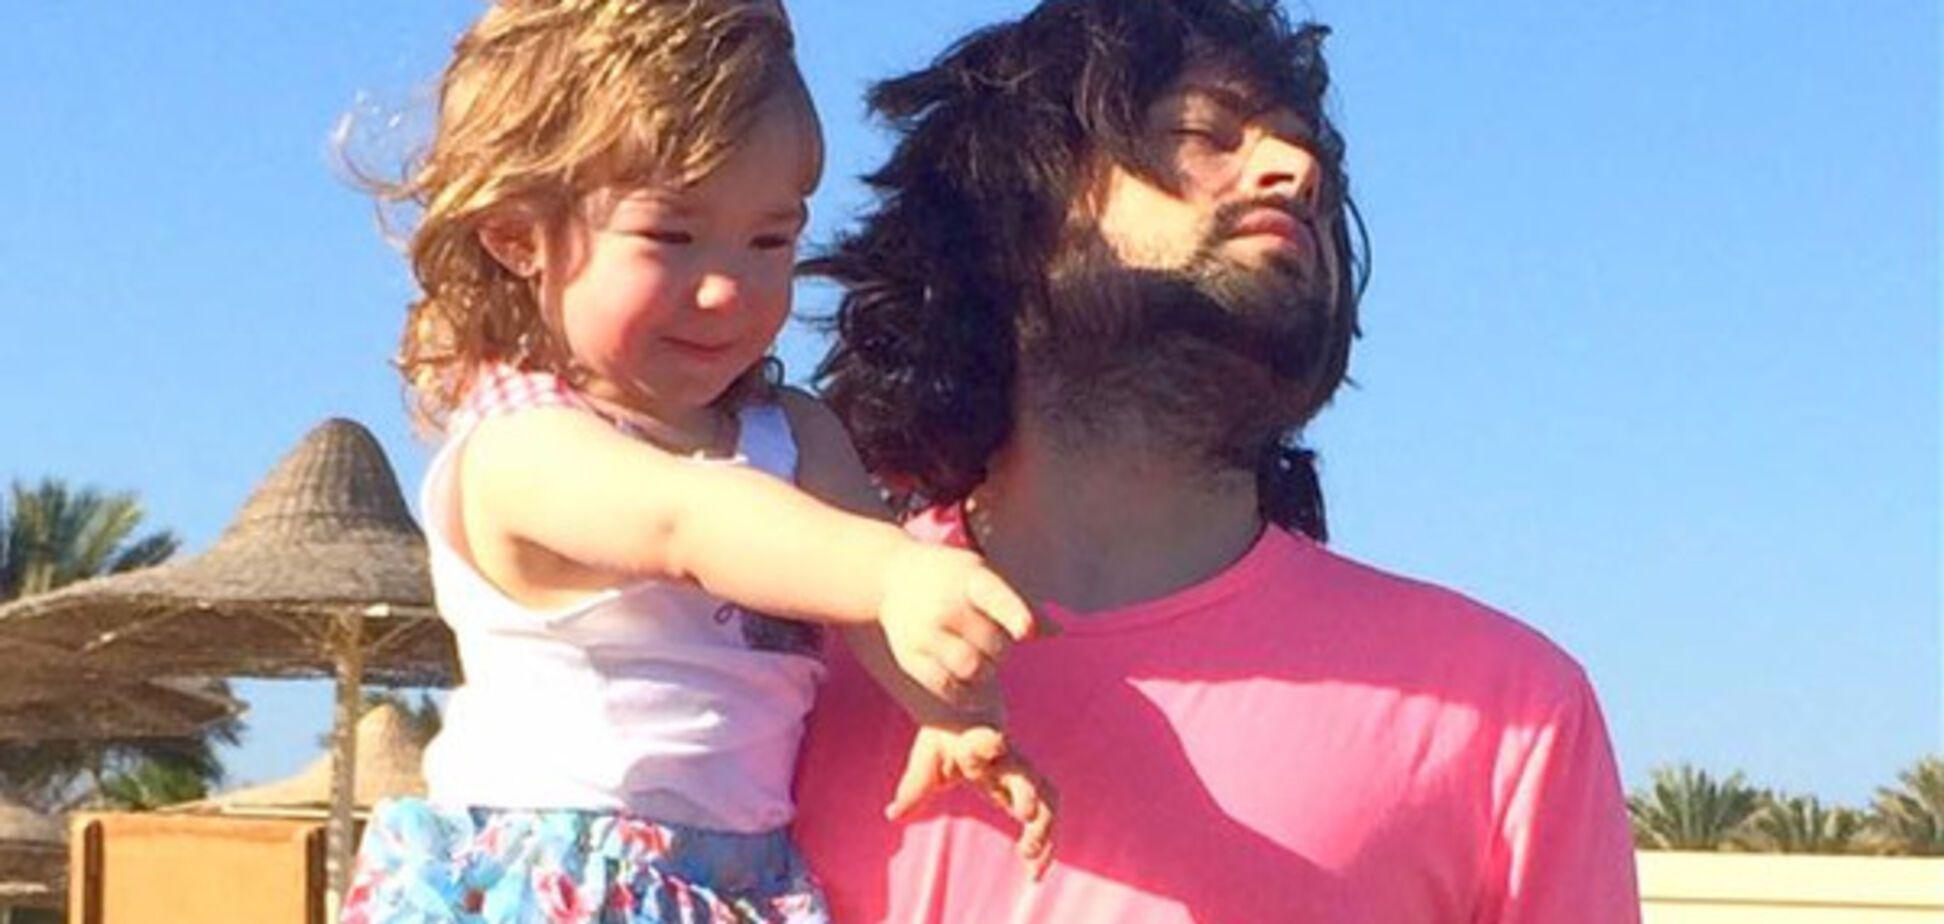 'Позитива вам': Алена Мозговая показала трогательные фото мужа и дочери